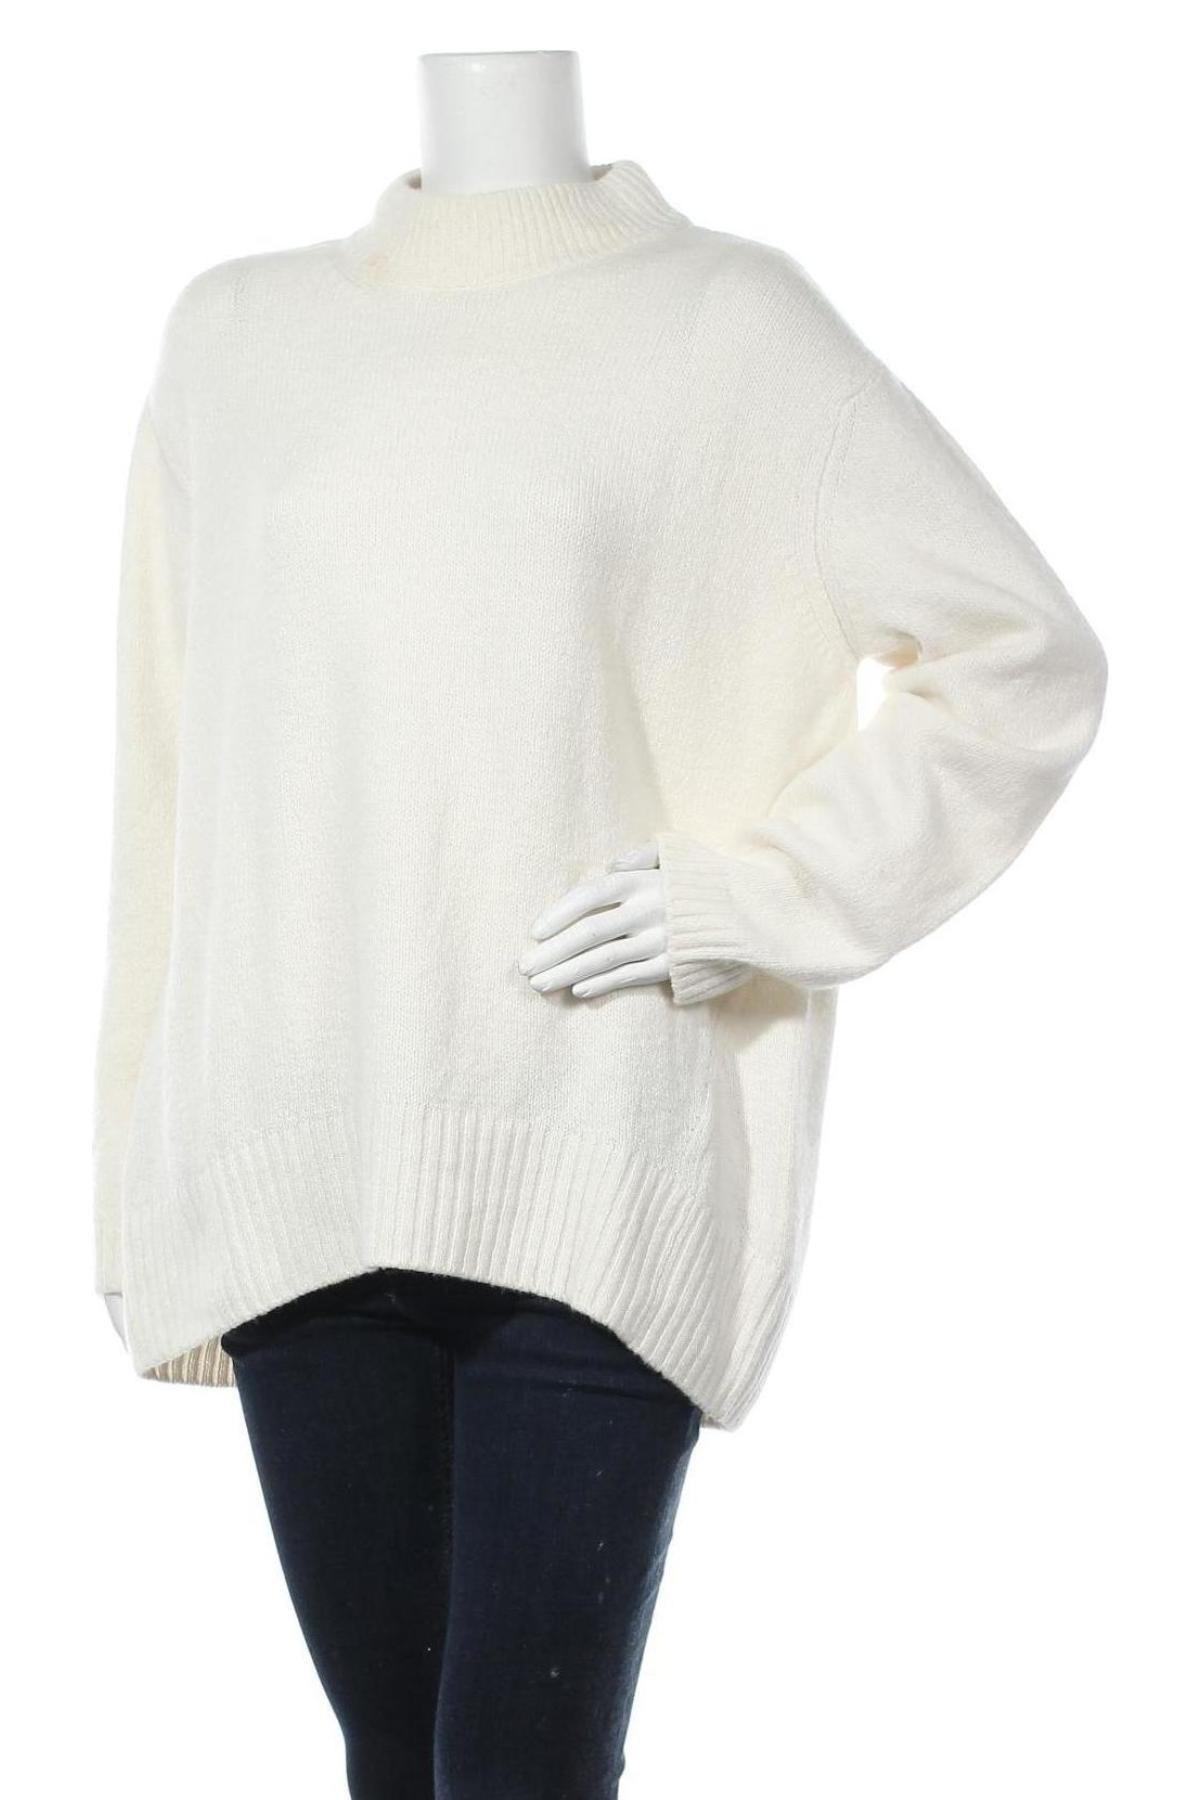 Γυναικείο πουλόβερ Massimo Dutti, Μέγεθος L, Χρώμα Εκρού, 37% πολυαμίδη, 26% μαλλί, 22% βισκόζη, 11%ακρυλικό, 3% κασμίρι, Τιμή 14,84€